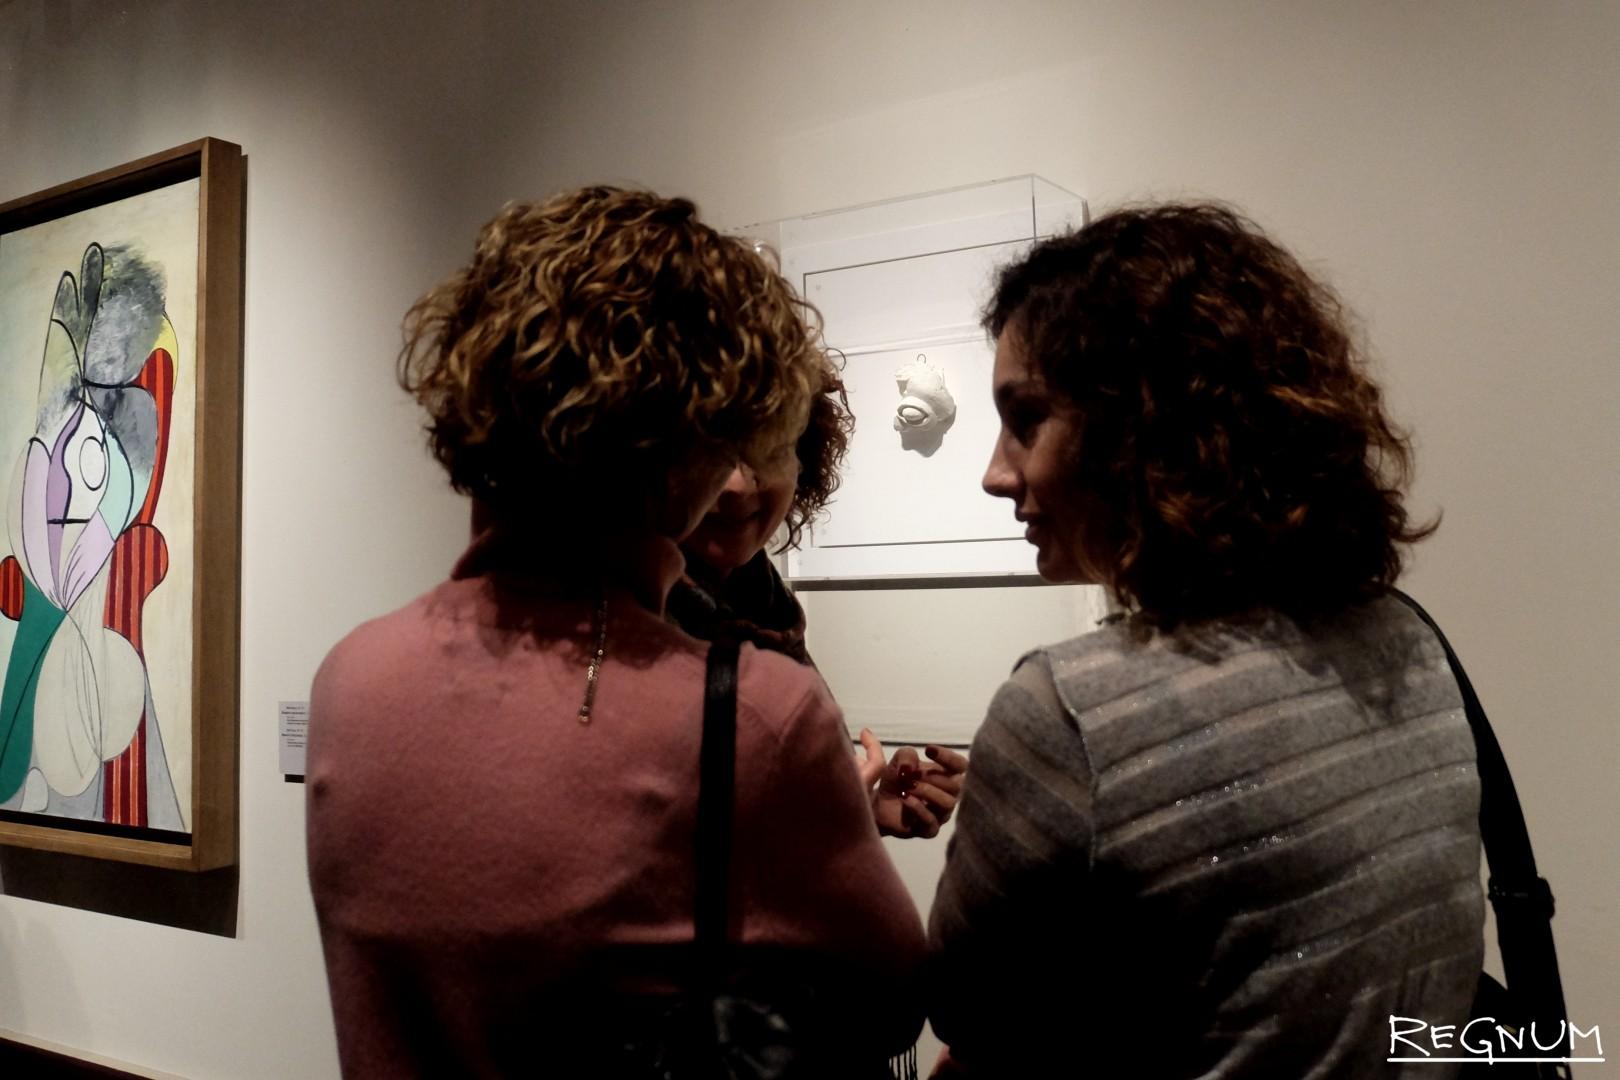 Посетители музея рассматривают экспонат «Глаз»